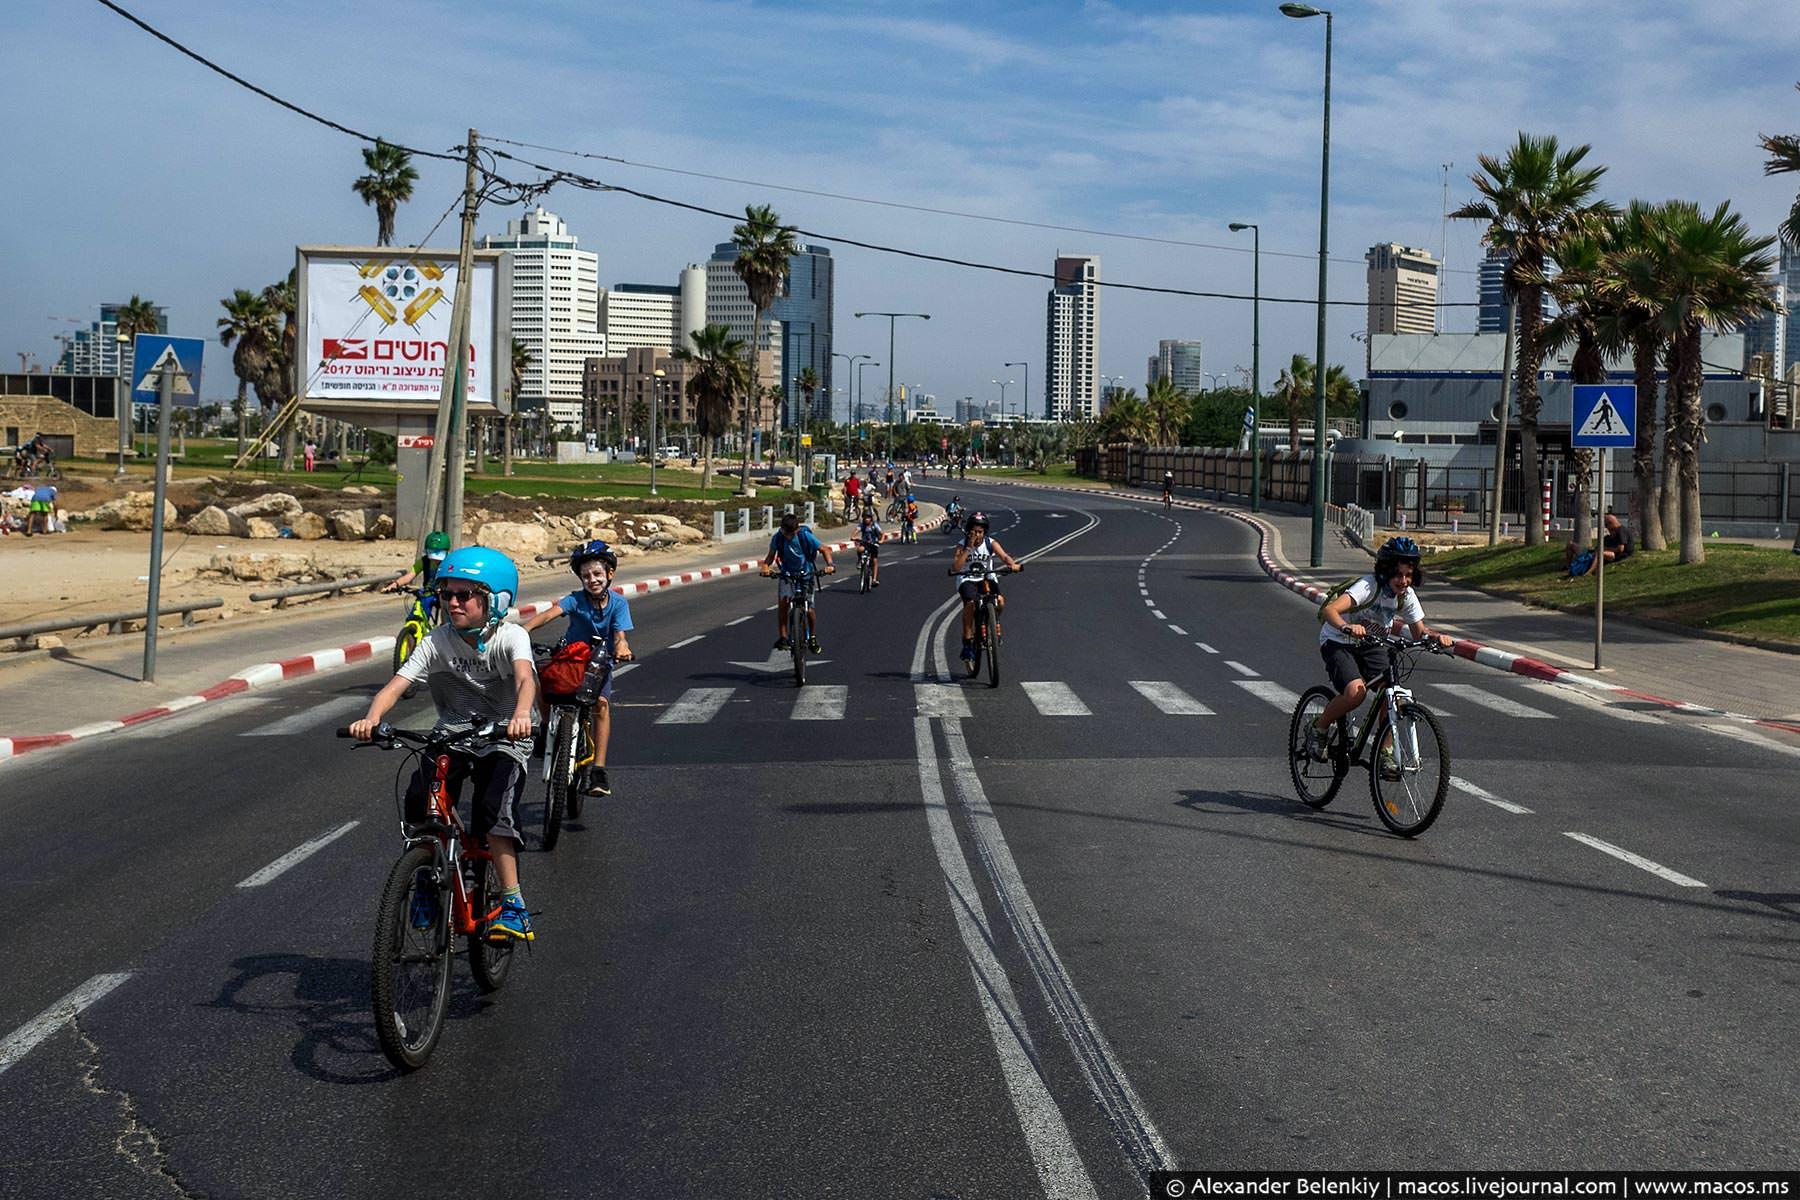 Все дороги занимают велосипедисты, причем чаще всего дети.